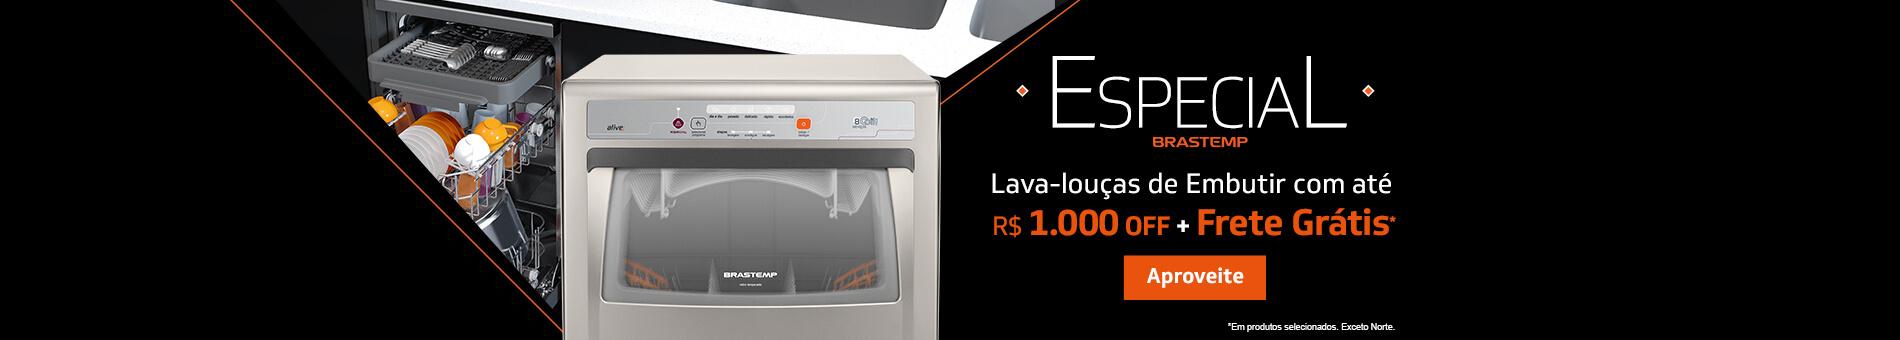 Promoção Interna - 900 - especialbtp_lavaloucas_home5_26092016 - lavaloucas - 5